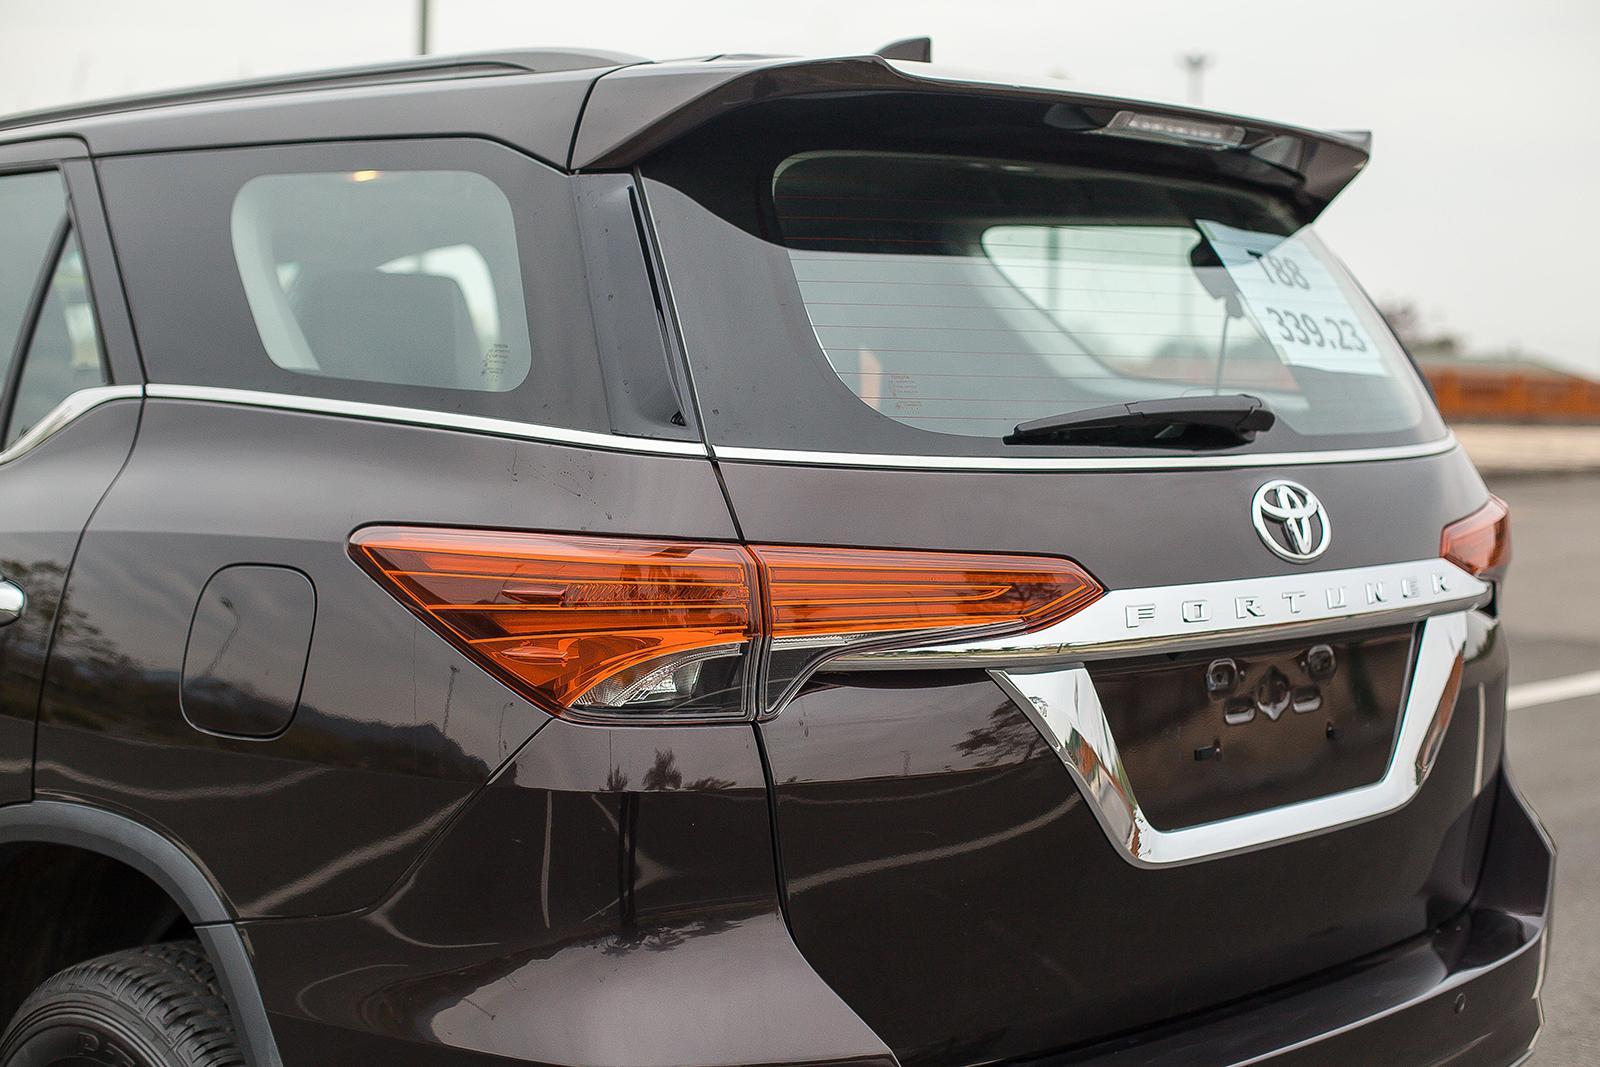 Toyota Fortuner 2017: Như hổ thêm cánh - Ảnh 7.